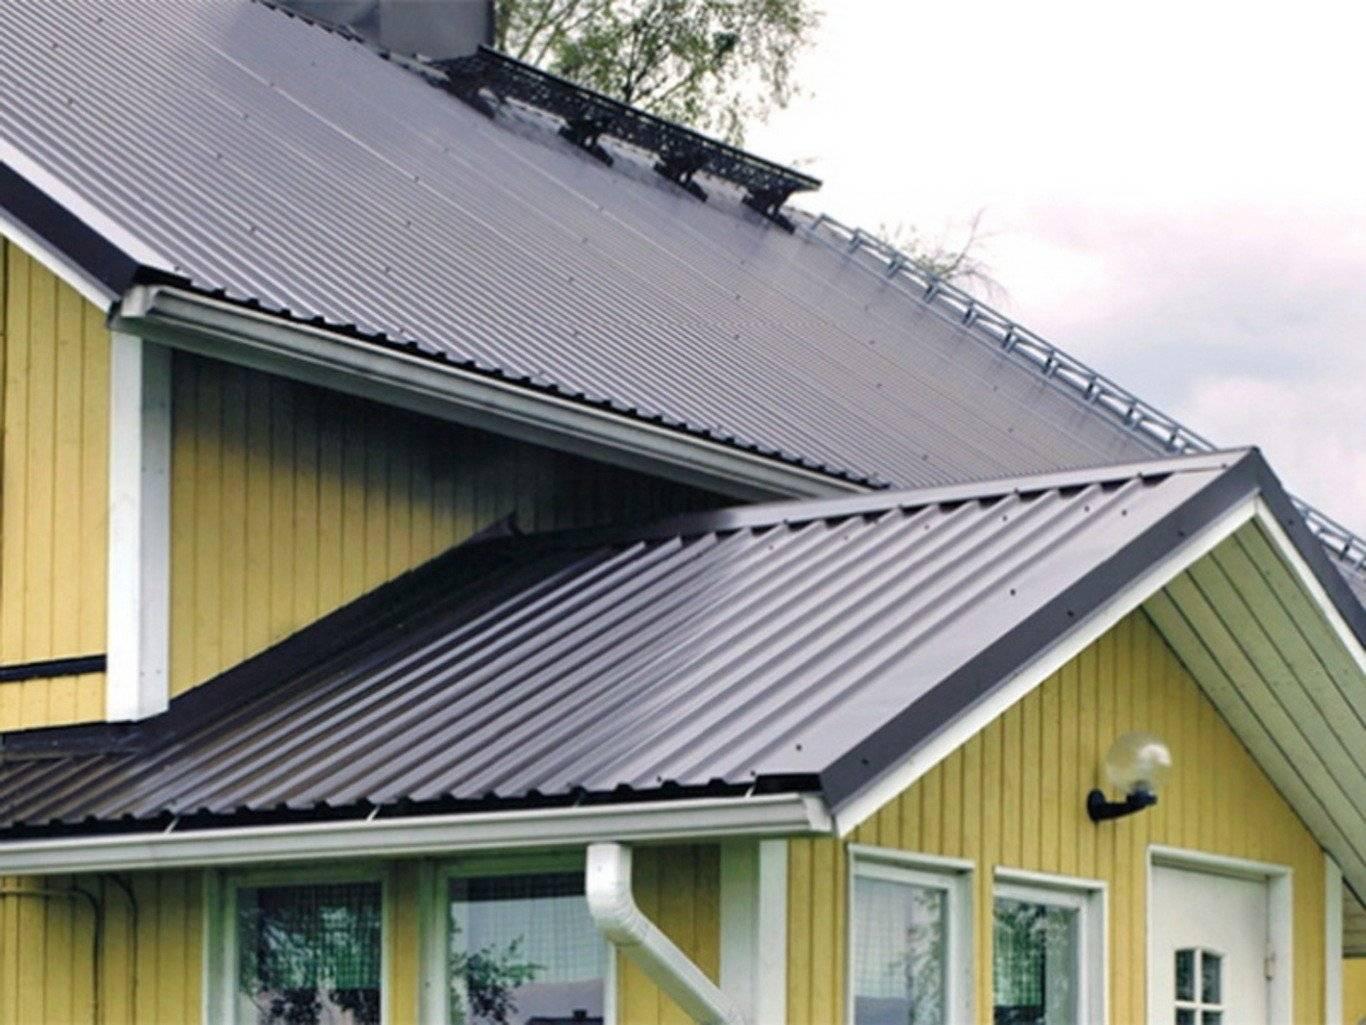 Ветровая планка для профнастила на крышу: ветрозащитная планка для кровли, как закрепить